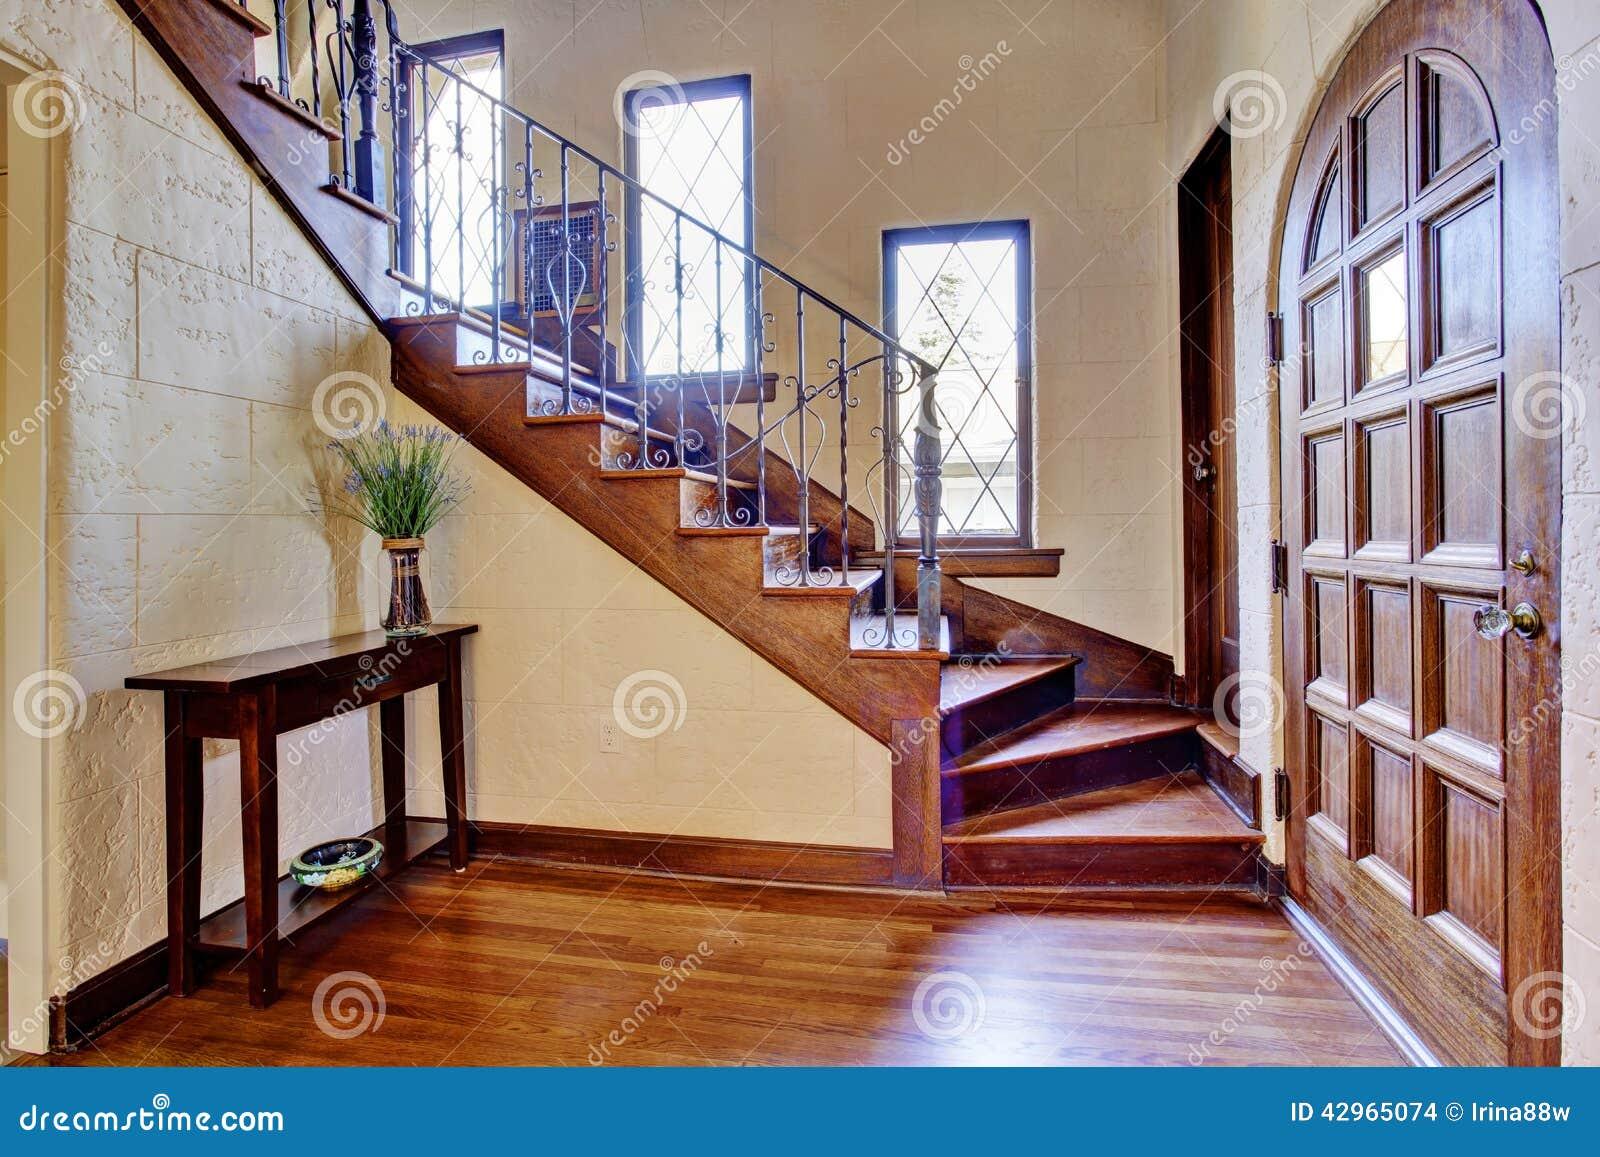 Intérieur de luxe de maison couloir dentrée avec lescalier images stock